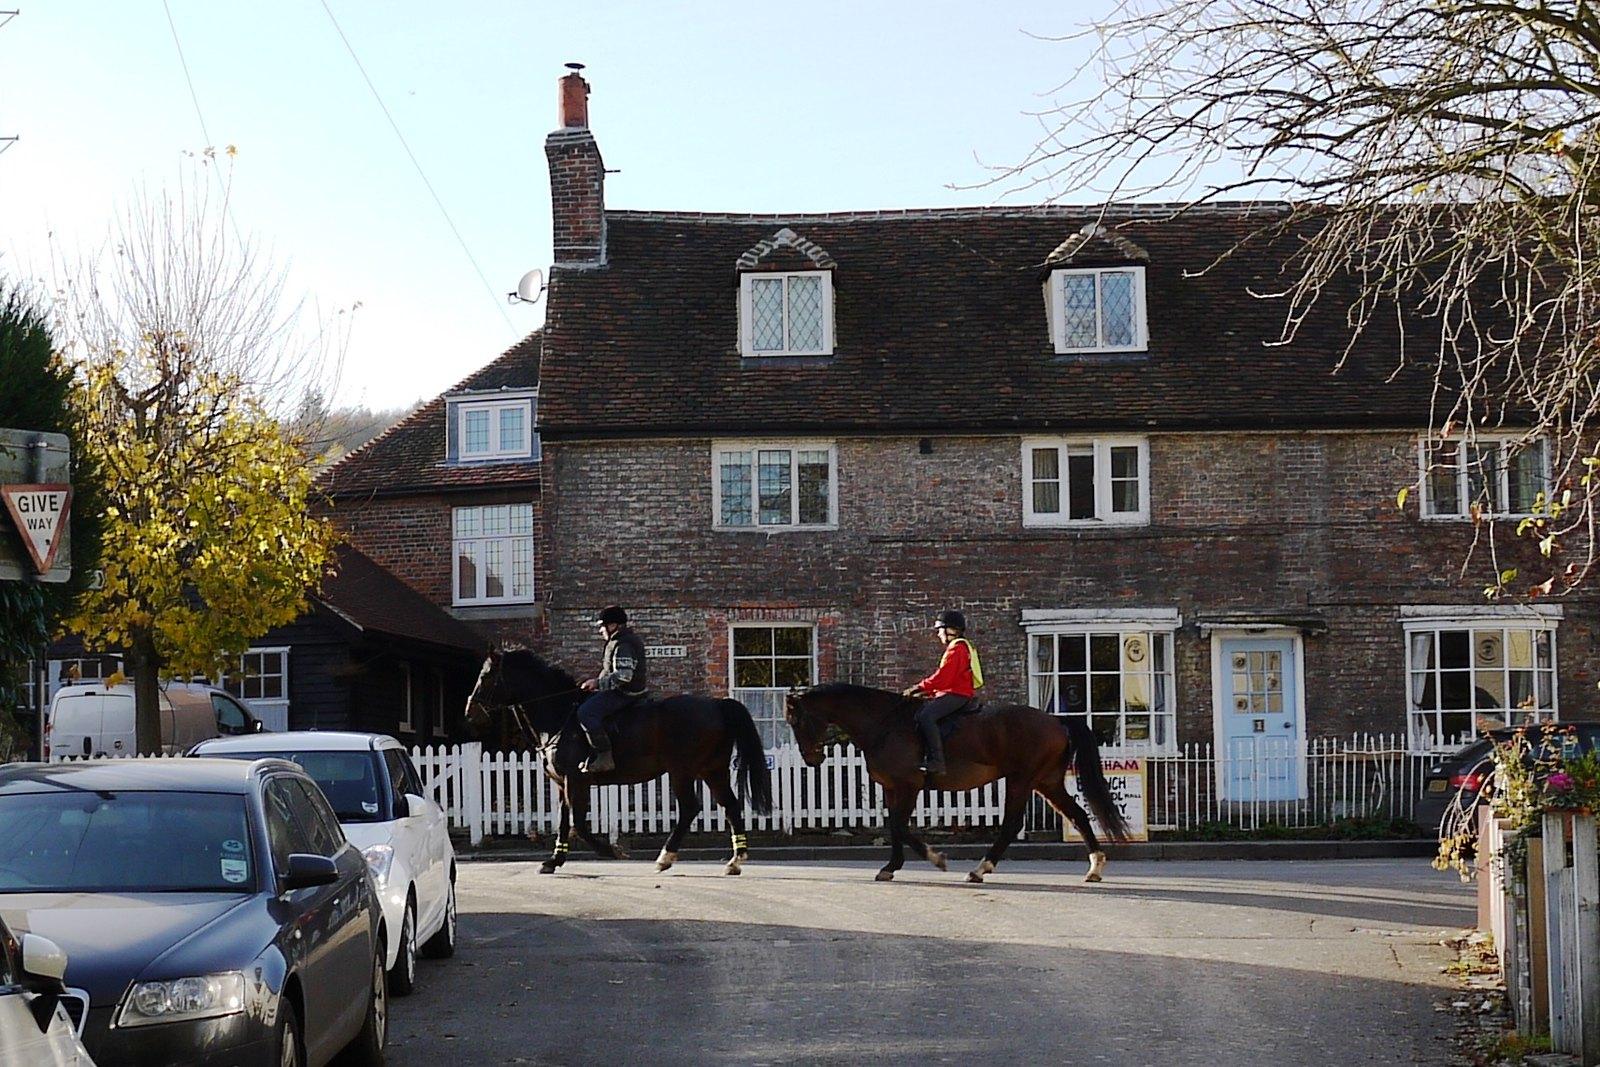 Horses, Shoreham Otford to Eynsford